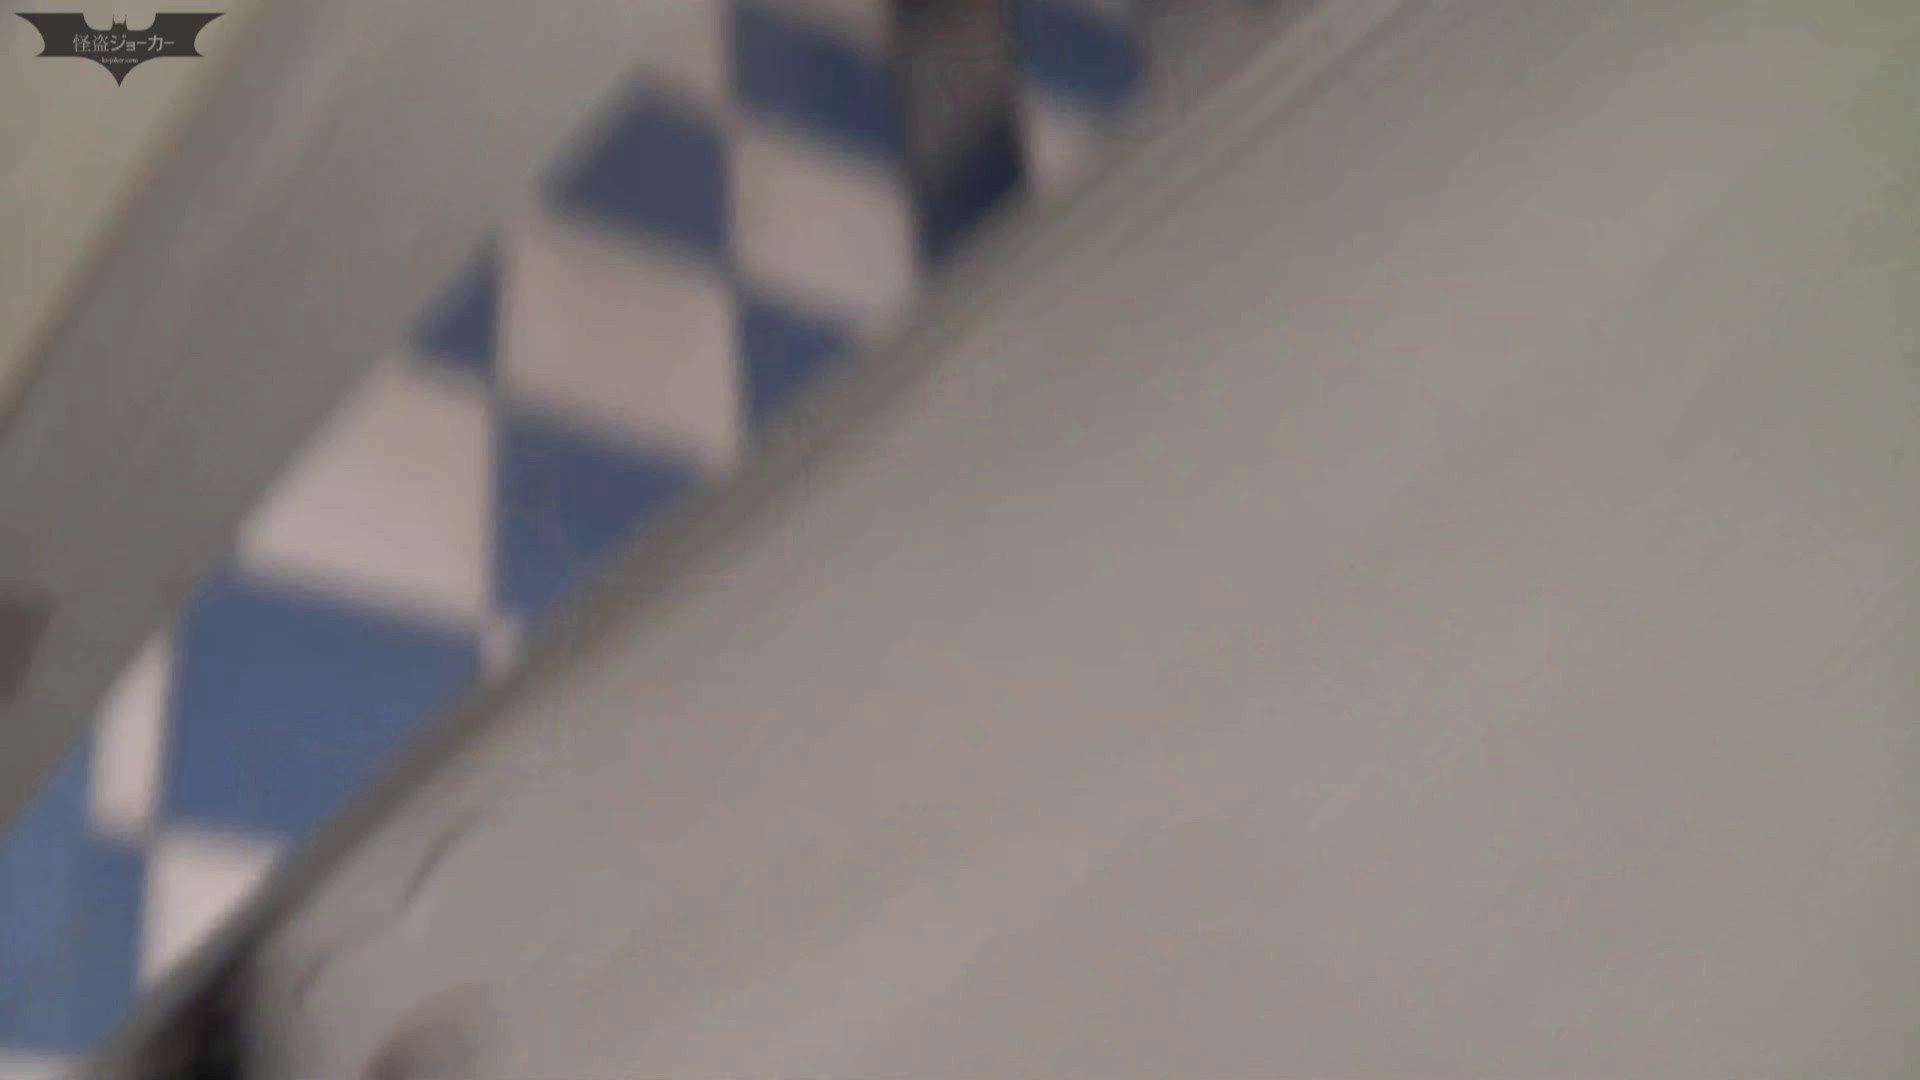 下からノゾム vol.018 スタイルいい子に、ついついて入っちゃった。 OL   0  50連発 23